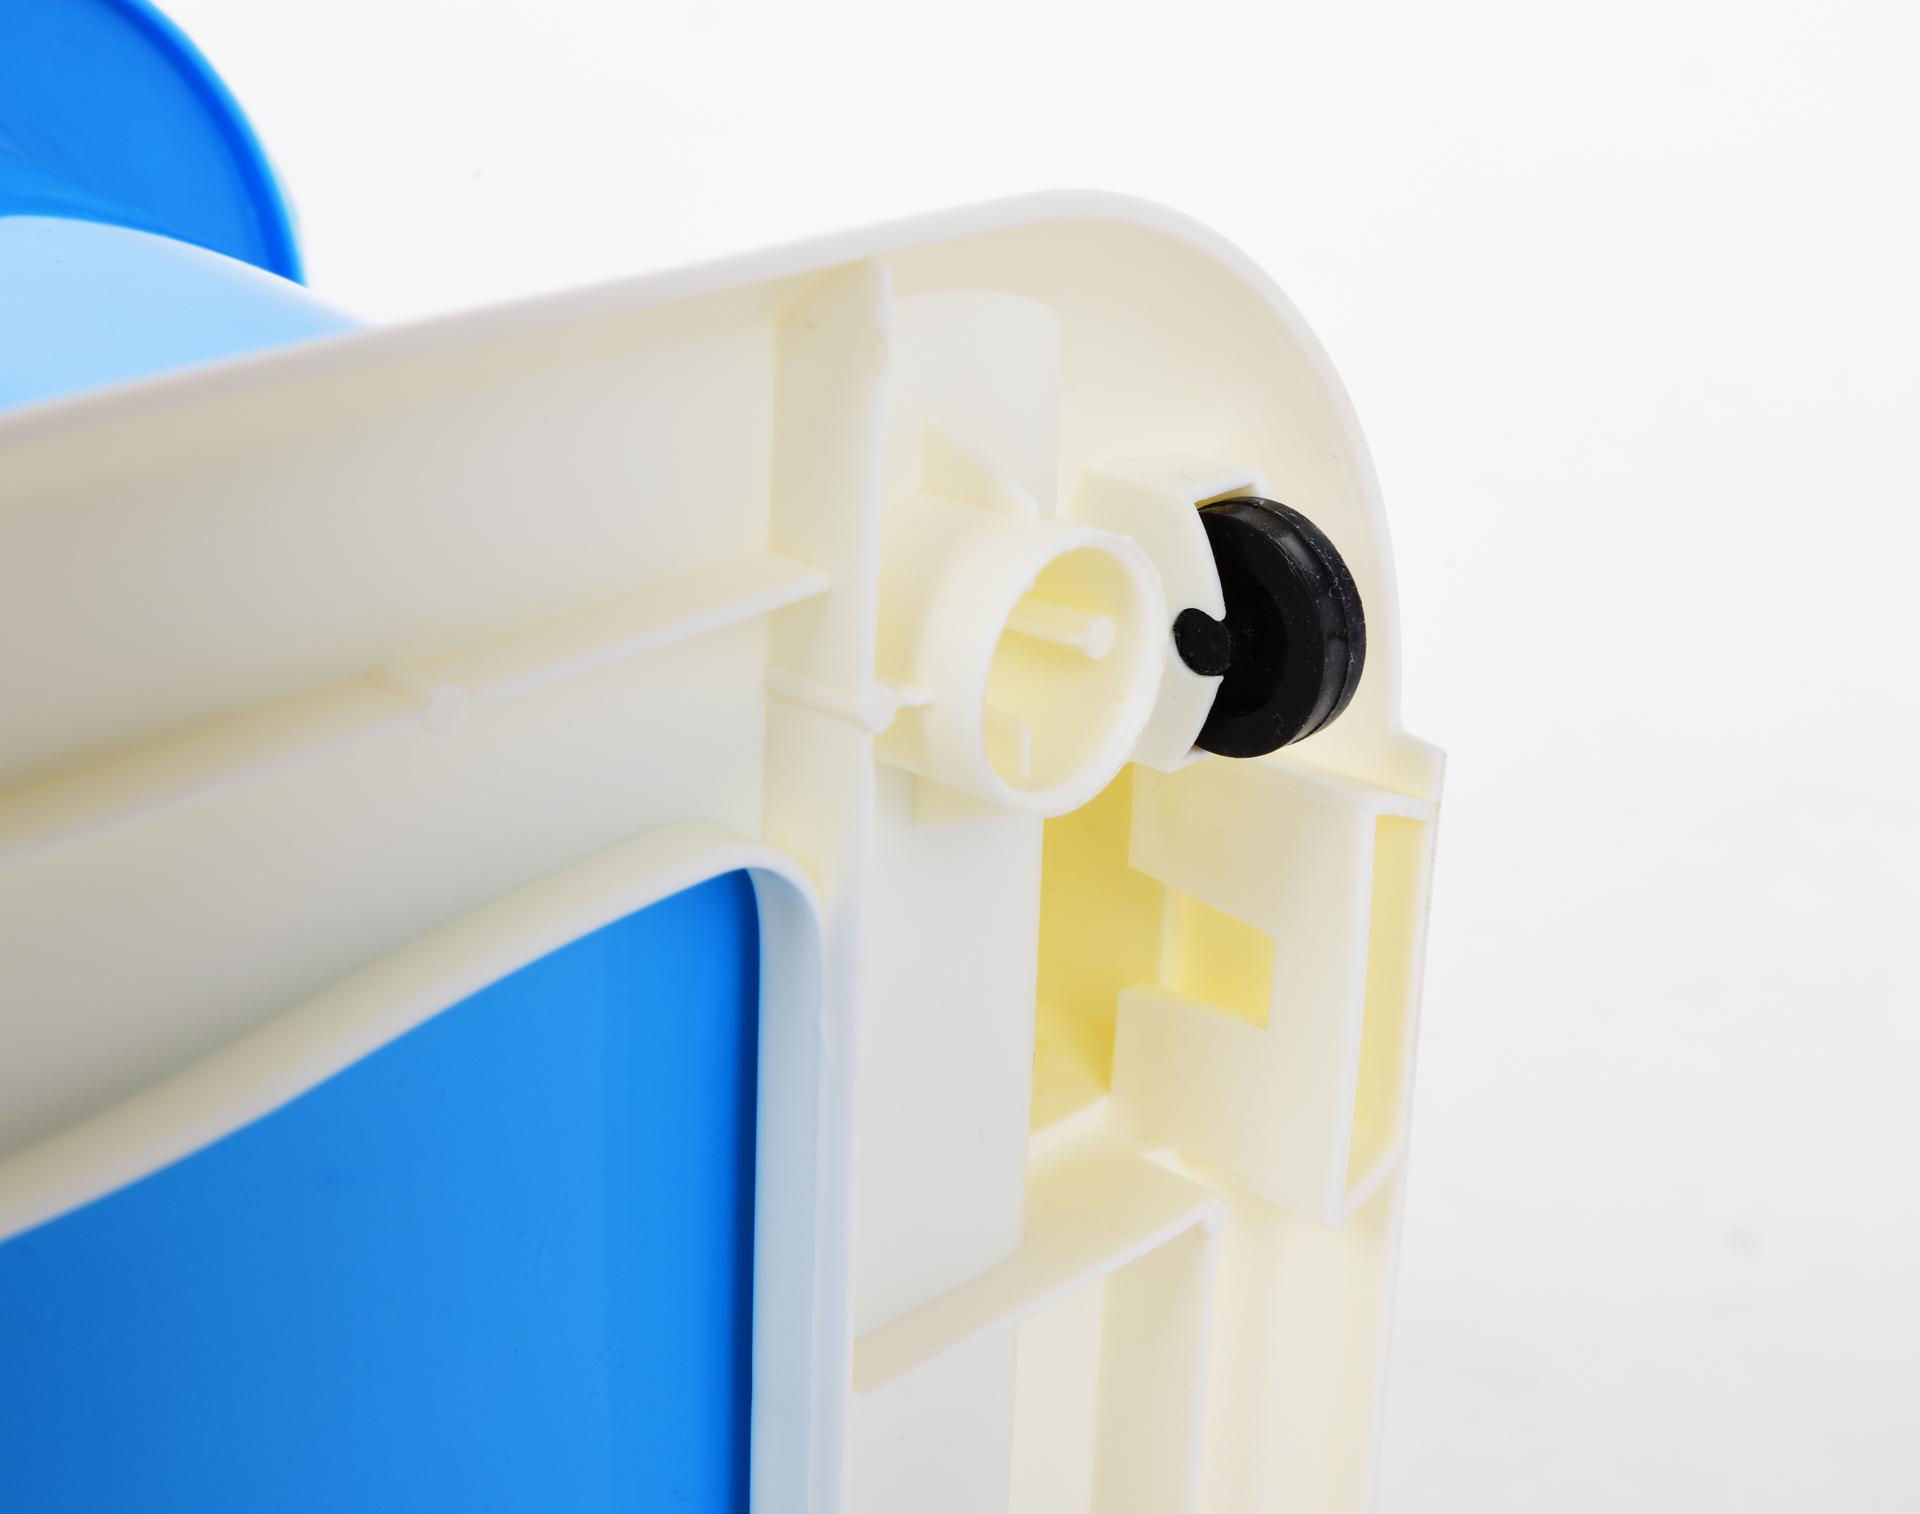 68 cm QUINTO REGAL mini pětipatrový regál, s 5 výsuvnými různobarevnými boxy